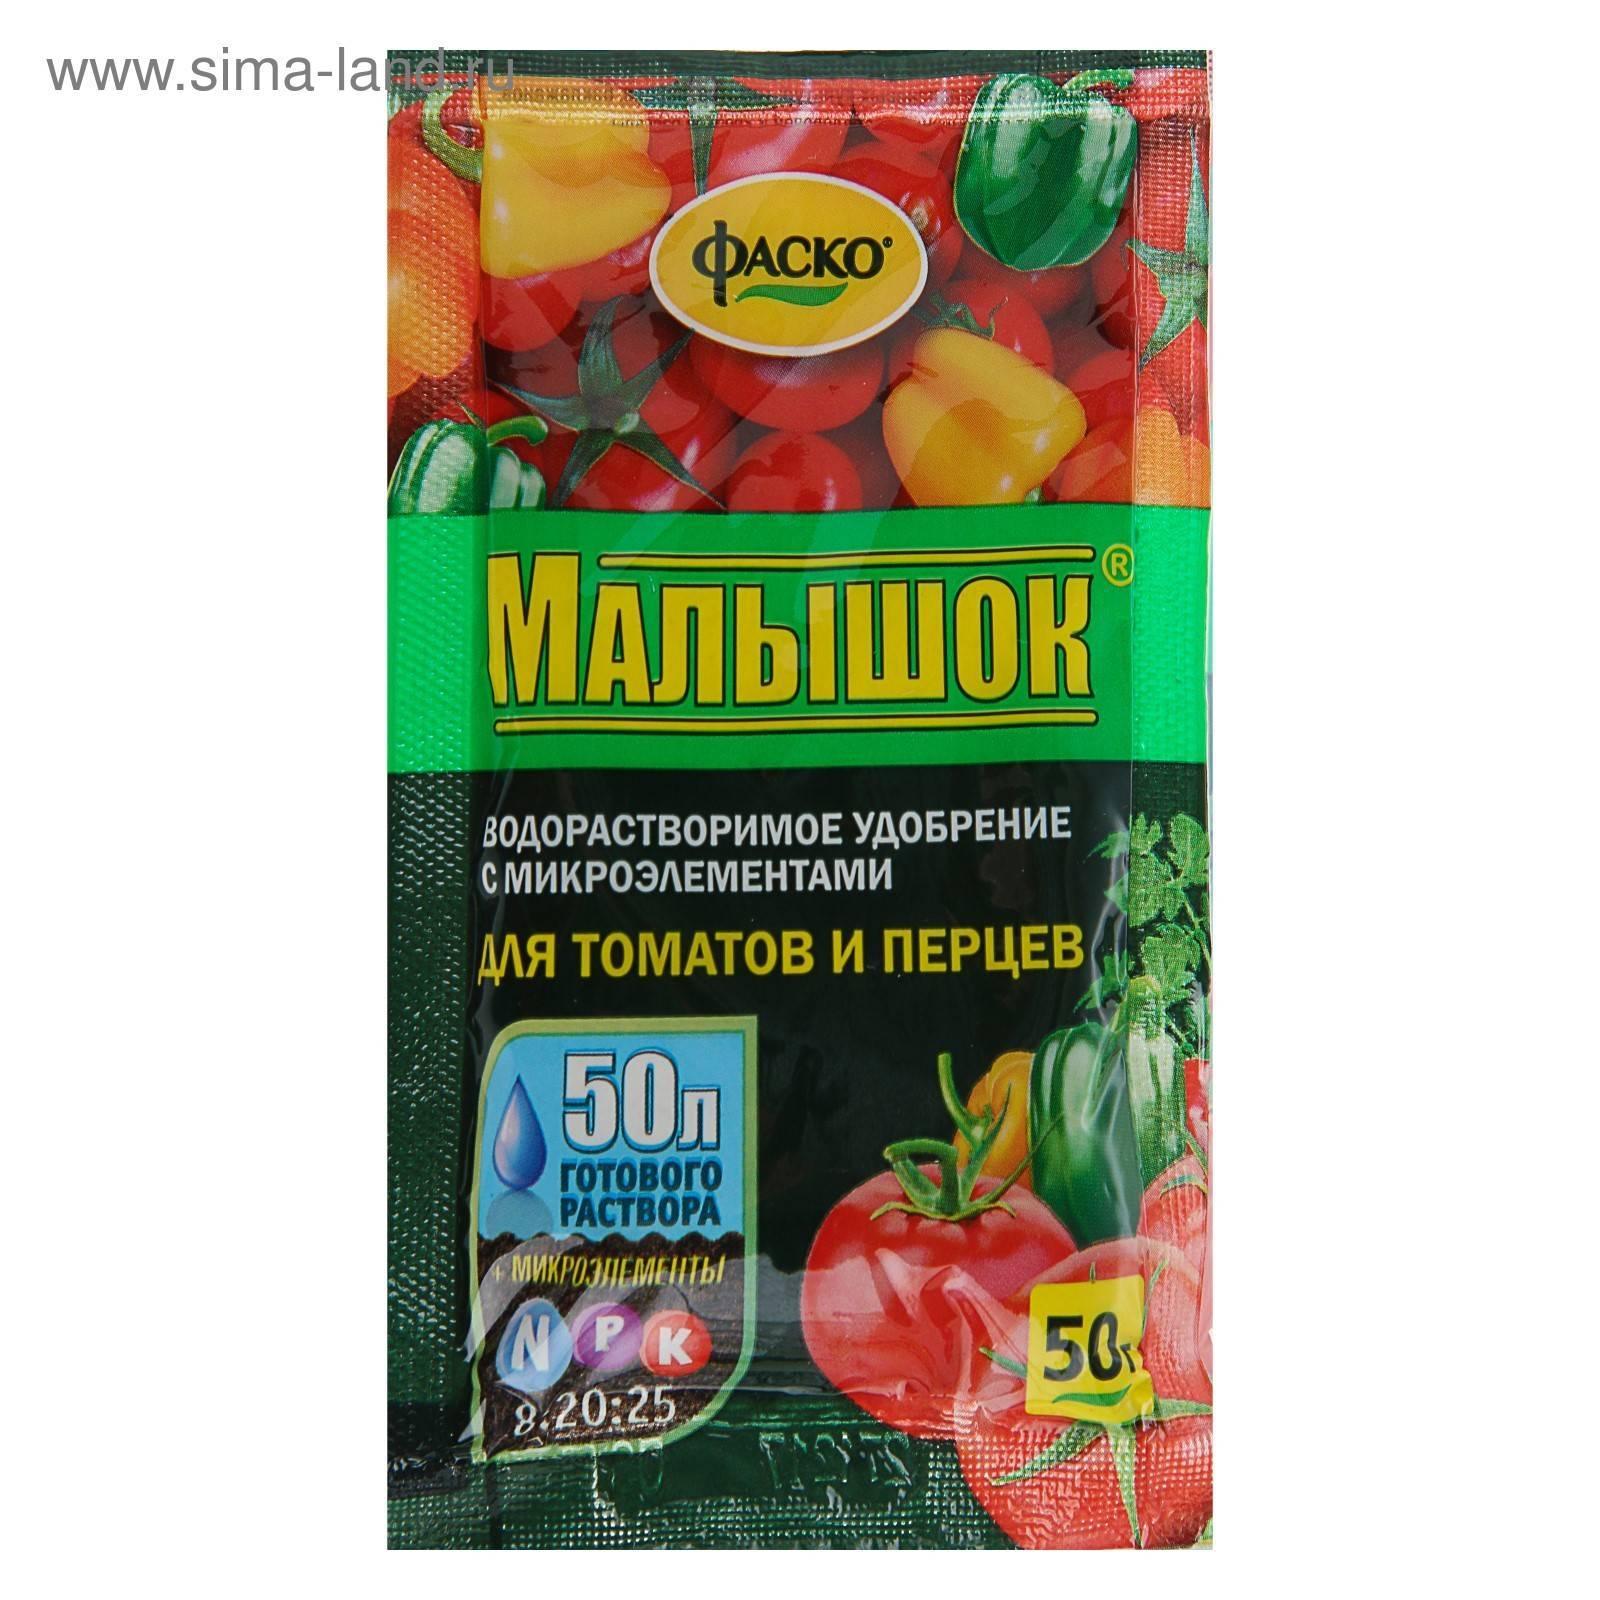 Применение удобрения для томатов и перцев малышок